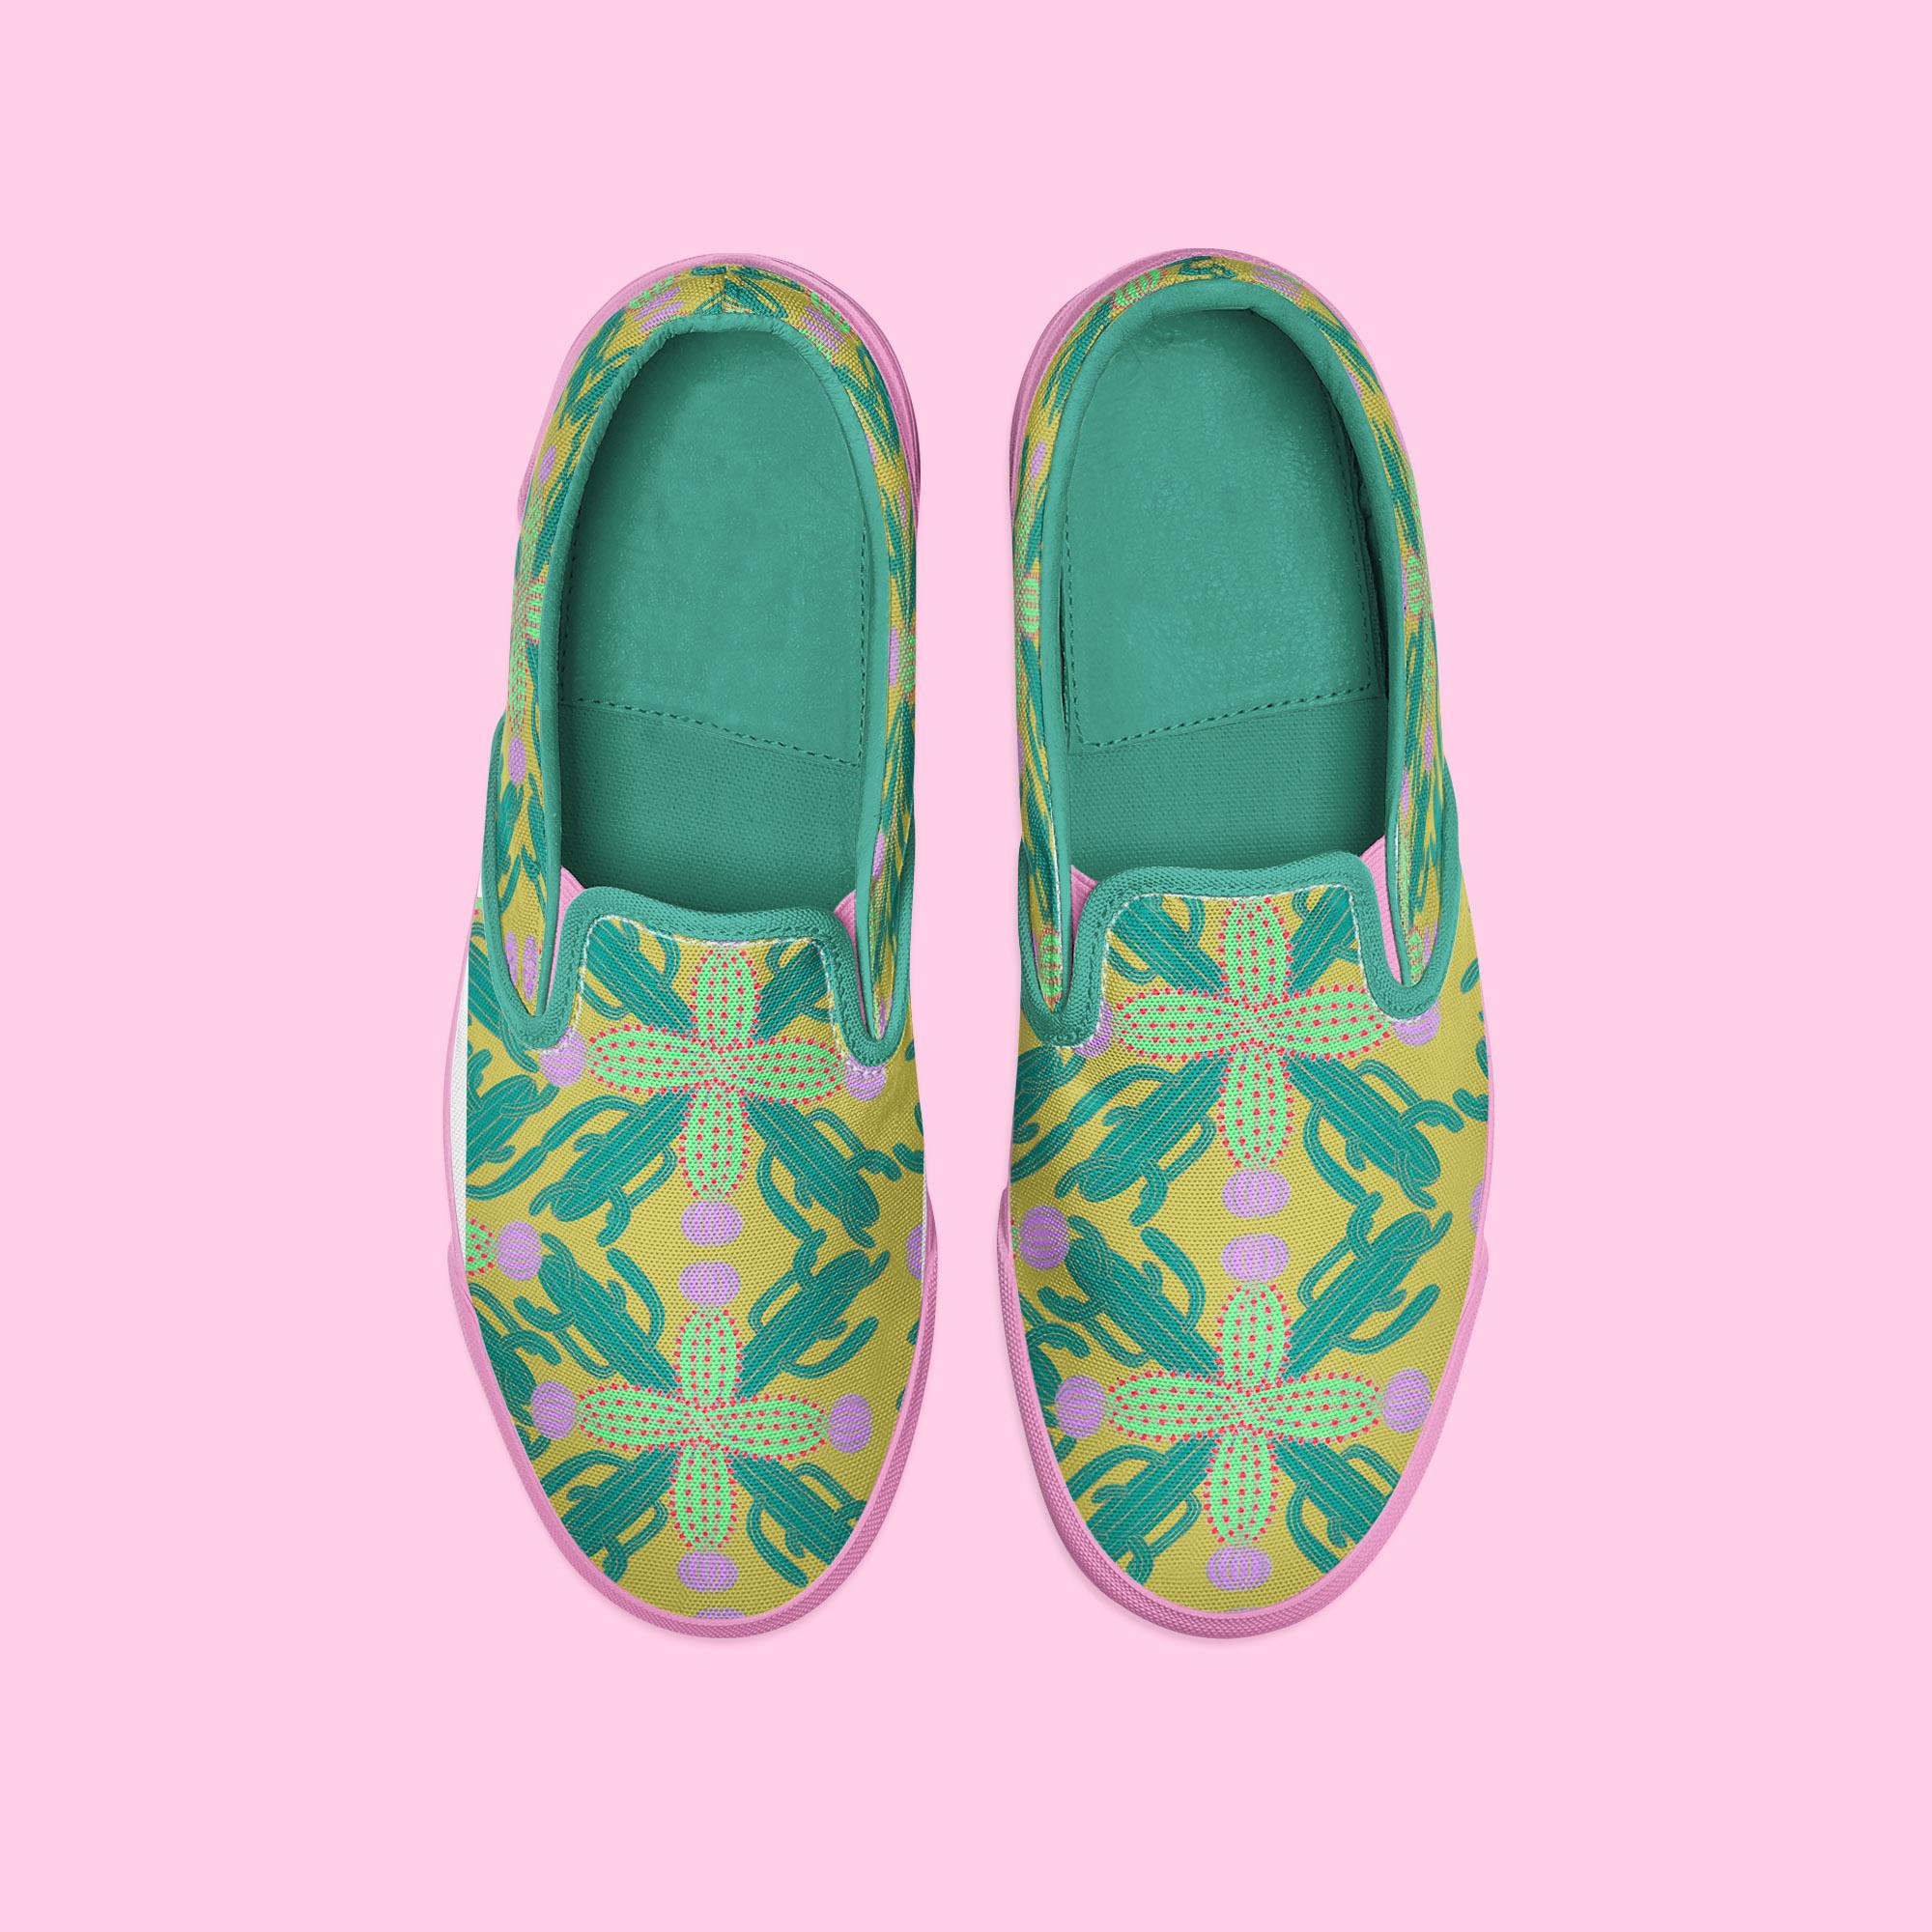 Motif cactus sur chaussures par Florie Nguyen Van, illustration au posca